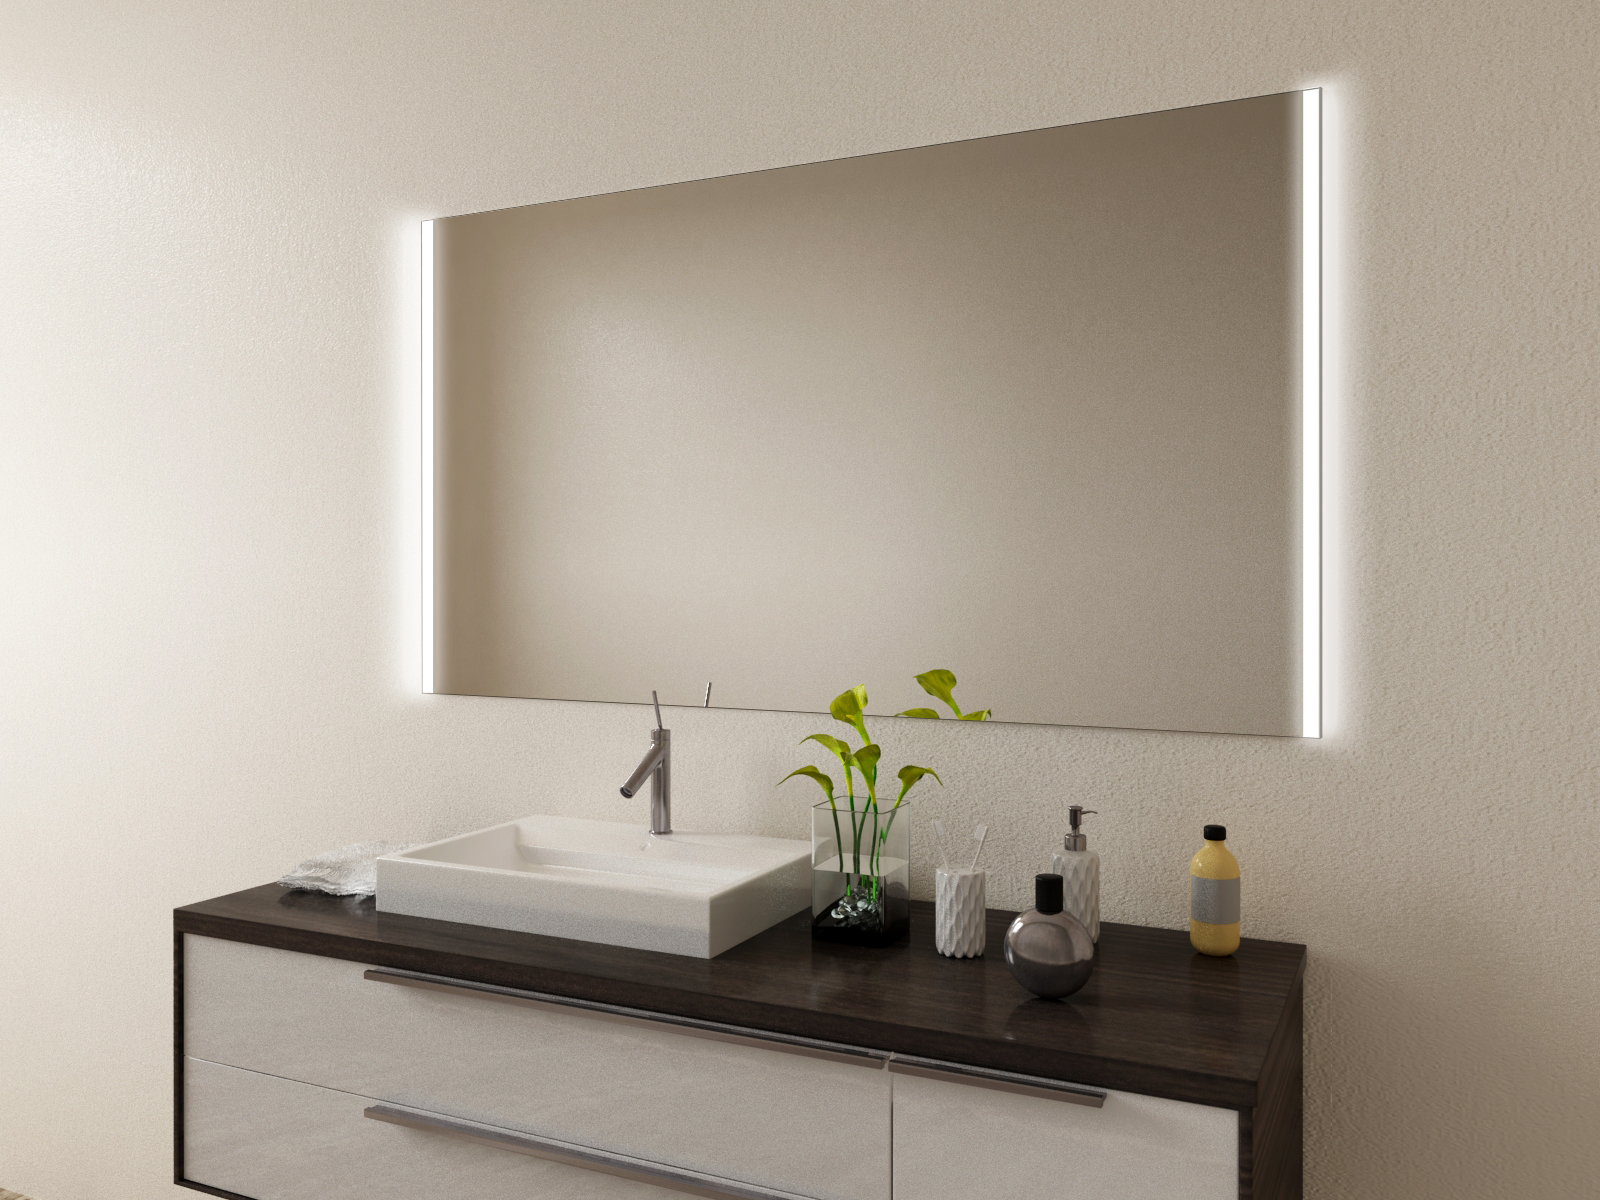 Badspiegel mit LED Beleuchtung - Tone